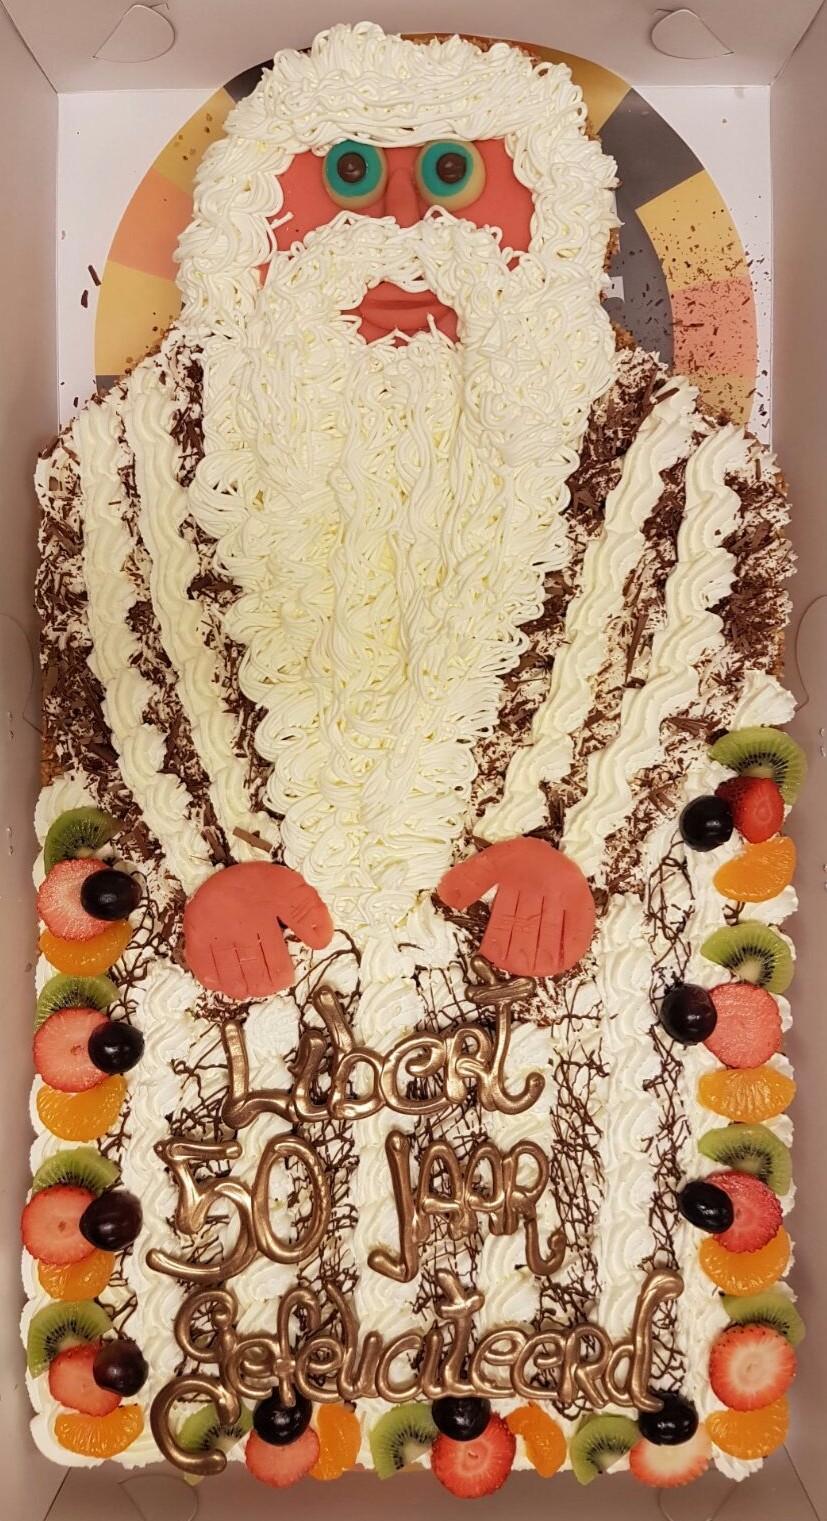 abraham 50 jaar koek abraham online taart bestellen | bakkerijspecialiteiten abraham 50 jaar koek